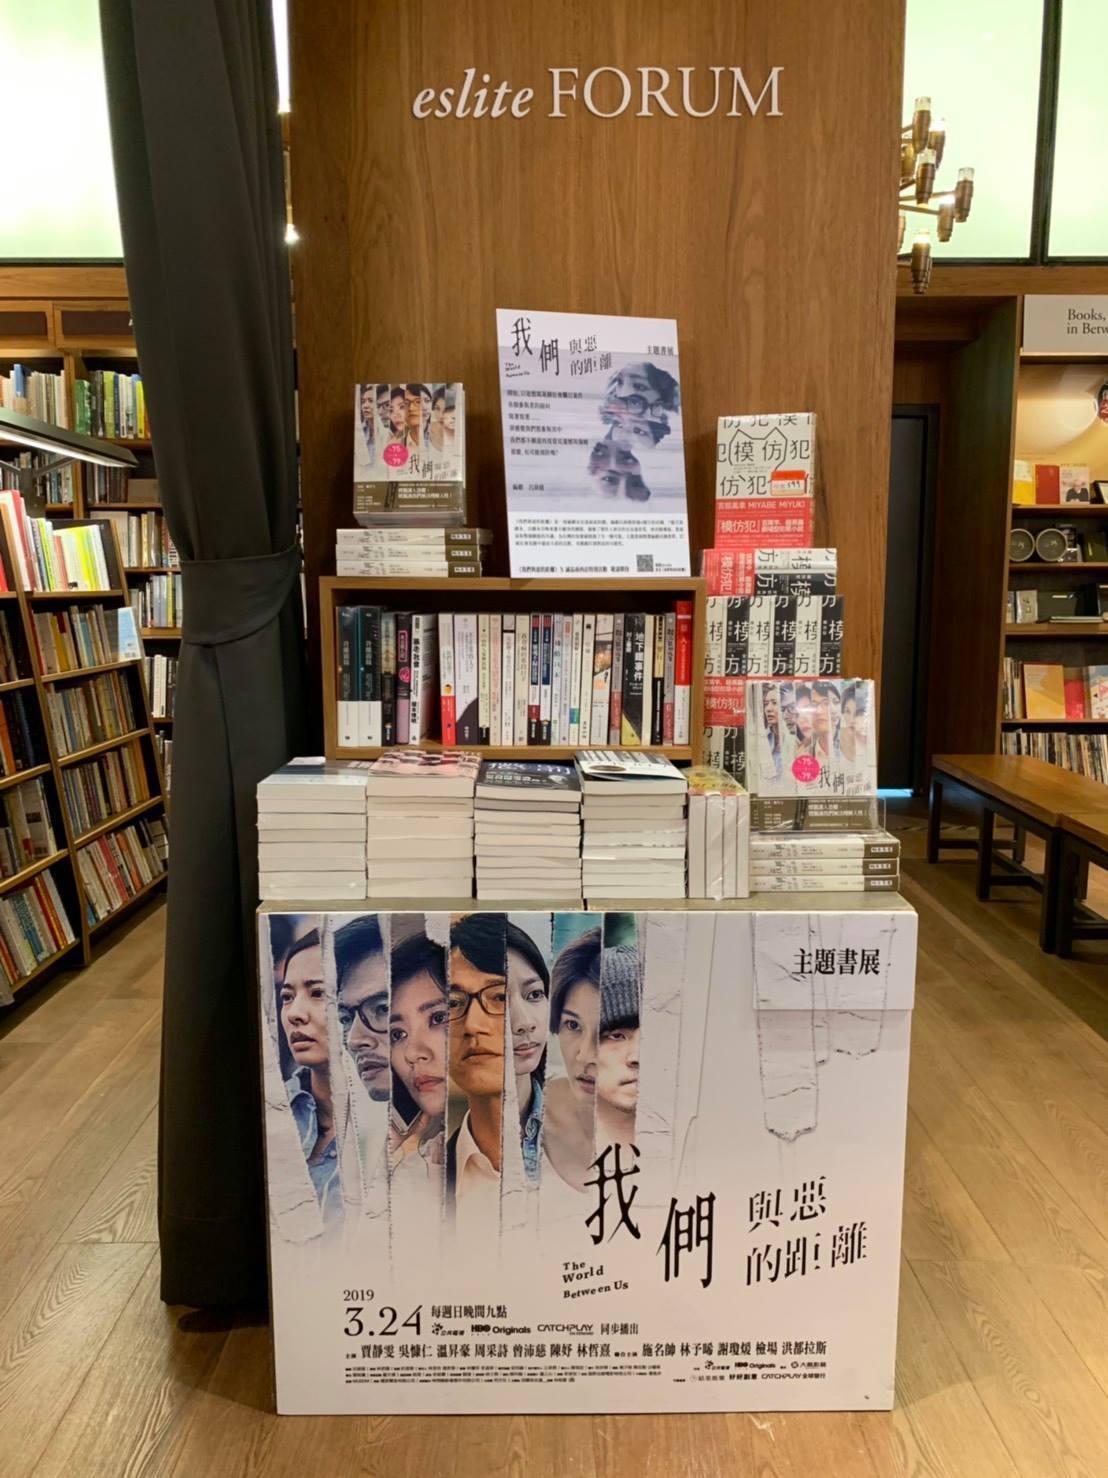 誠品生活南西即日起至4月30日推出「我們與惡的距離」主題書展。圖/誠品生活提供